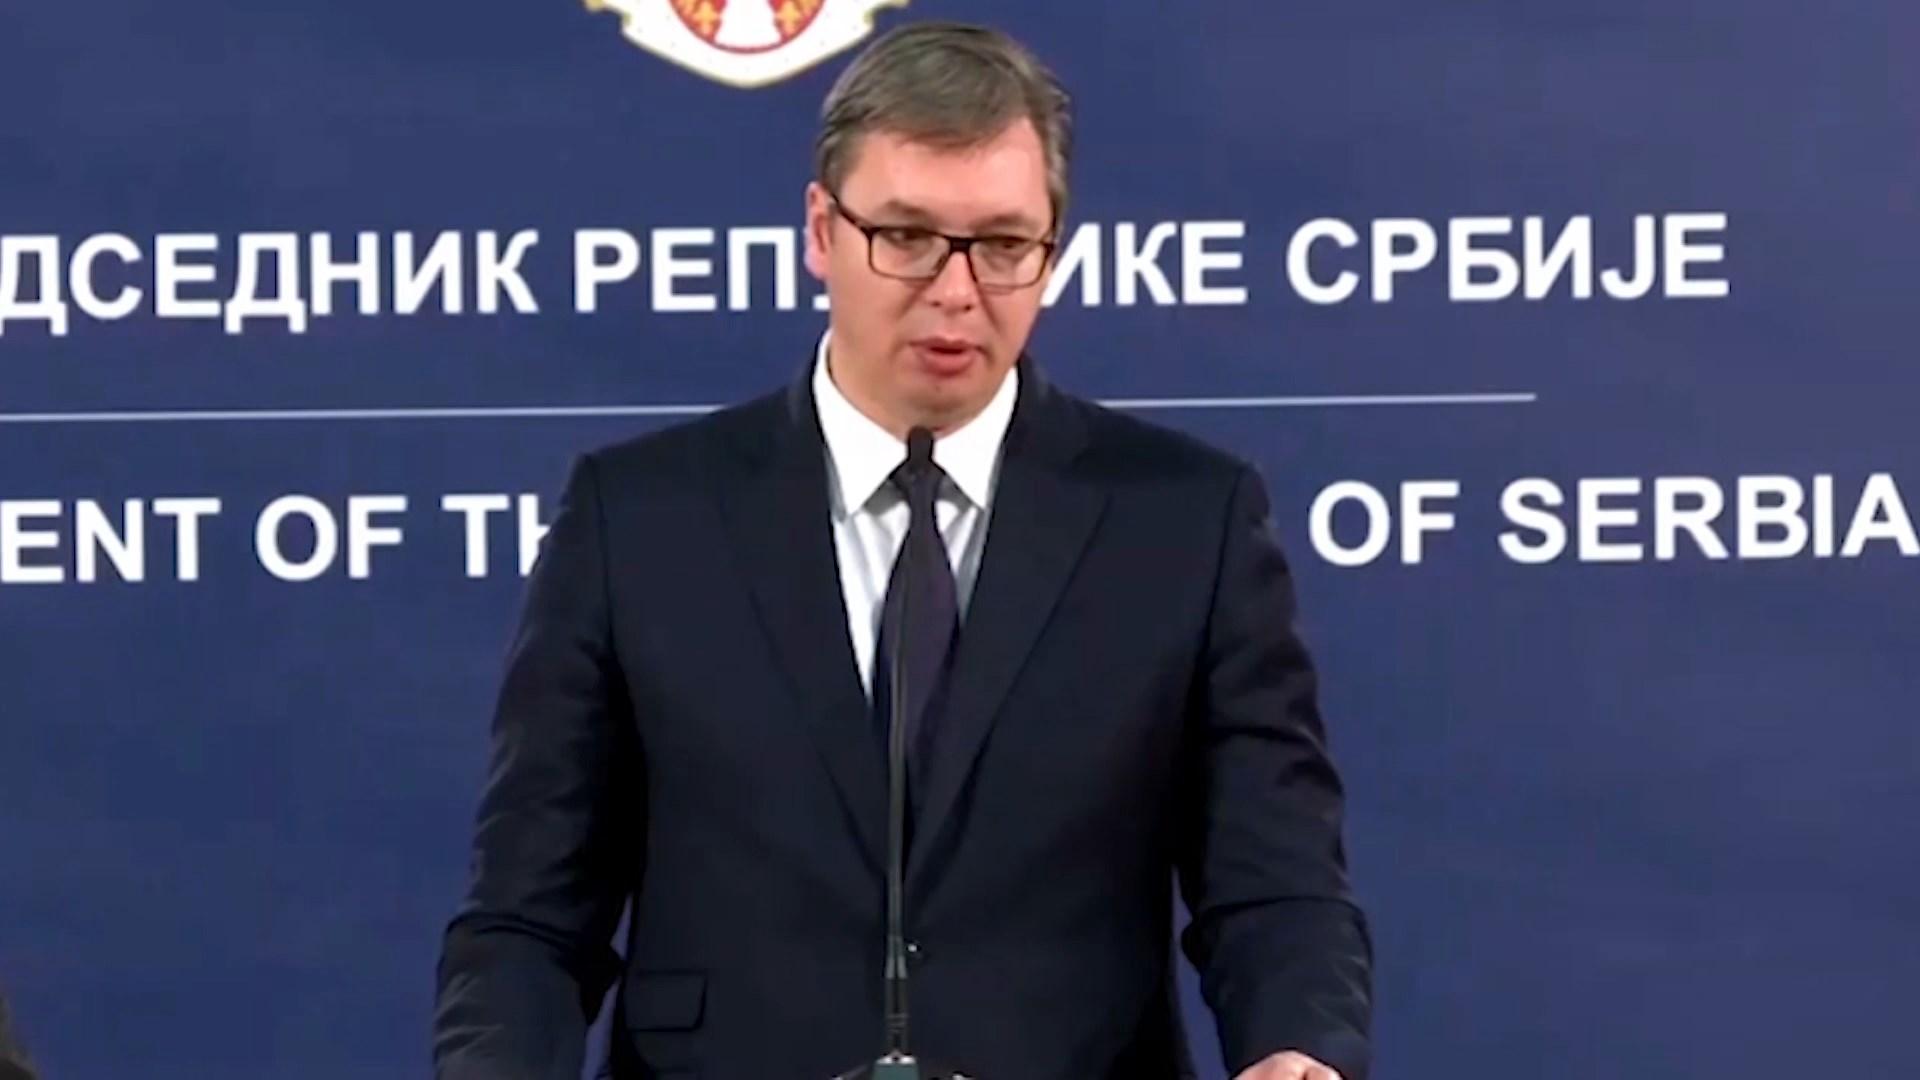 Vuçiç: Nuk është e vertetë që Kosova ishte serbe që nga lashtësia